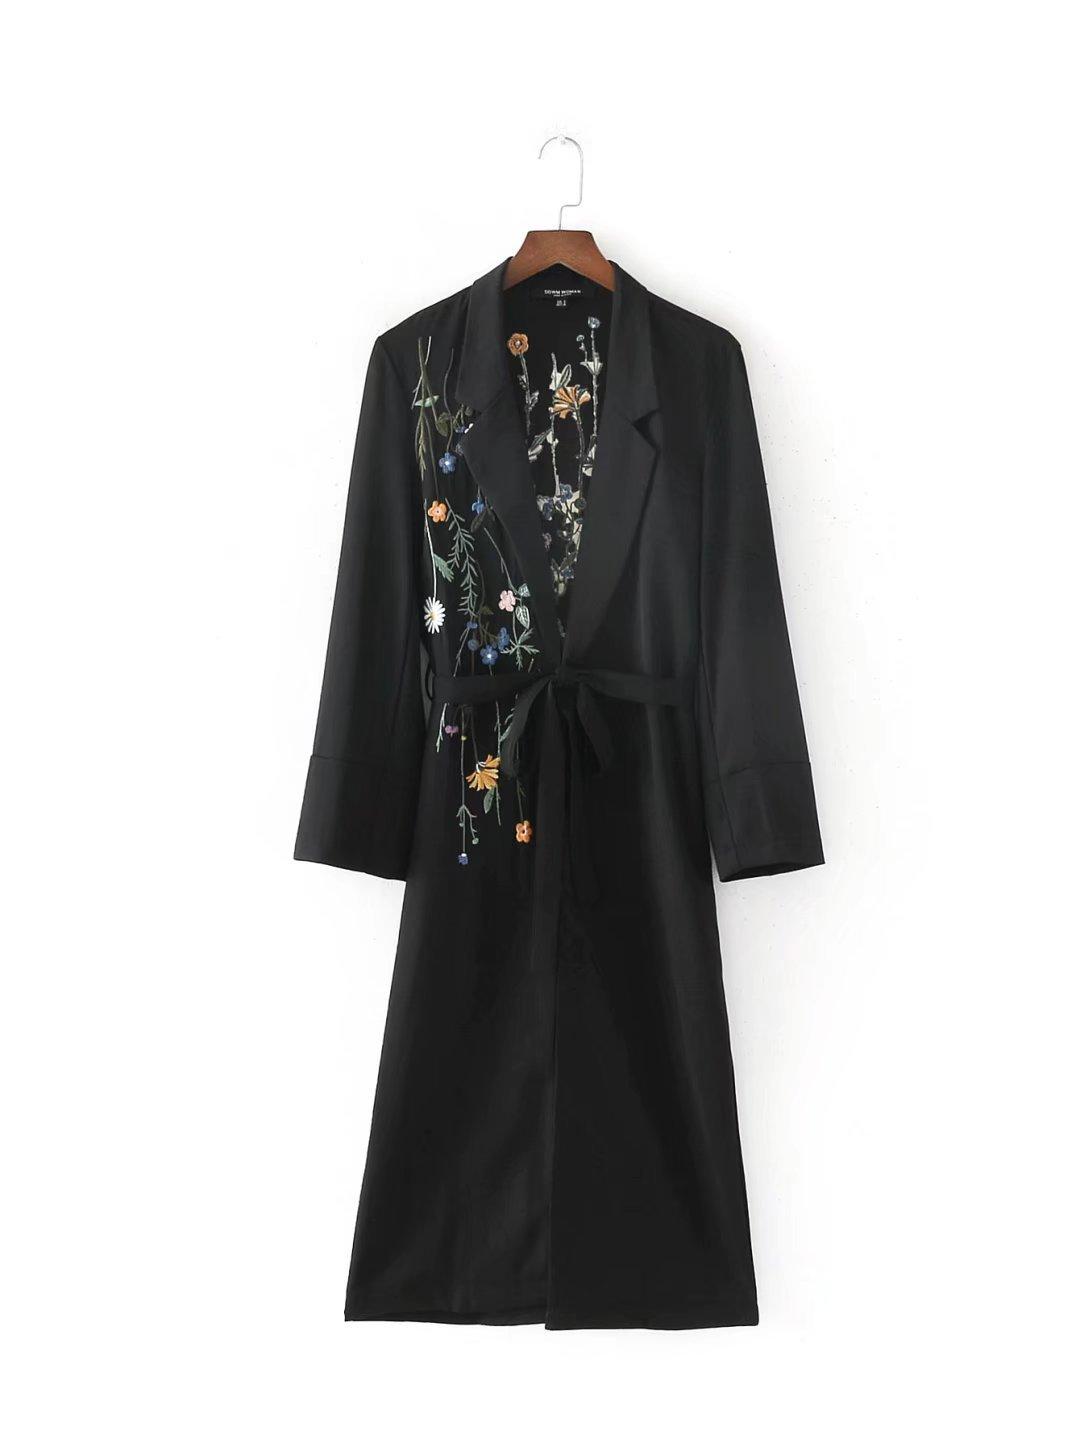 Pugaomsiw außenhandel - Couture Herbst 2017 Blume Flut Stickereien gürtel Knie Lange Mantel Mantel,s